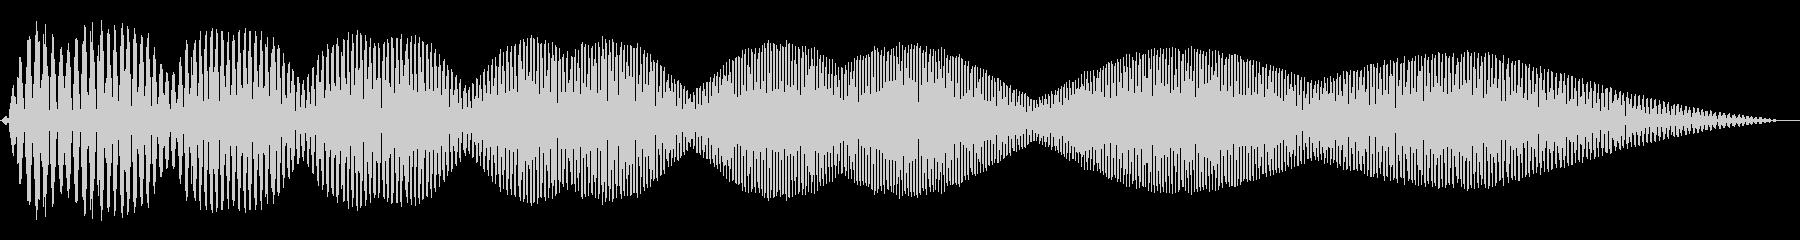 電動スワイプ1の未再生の波形